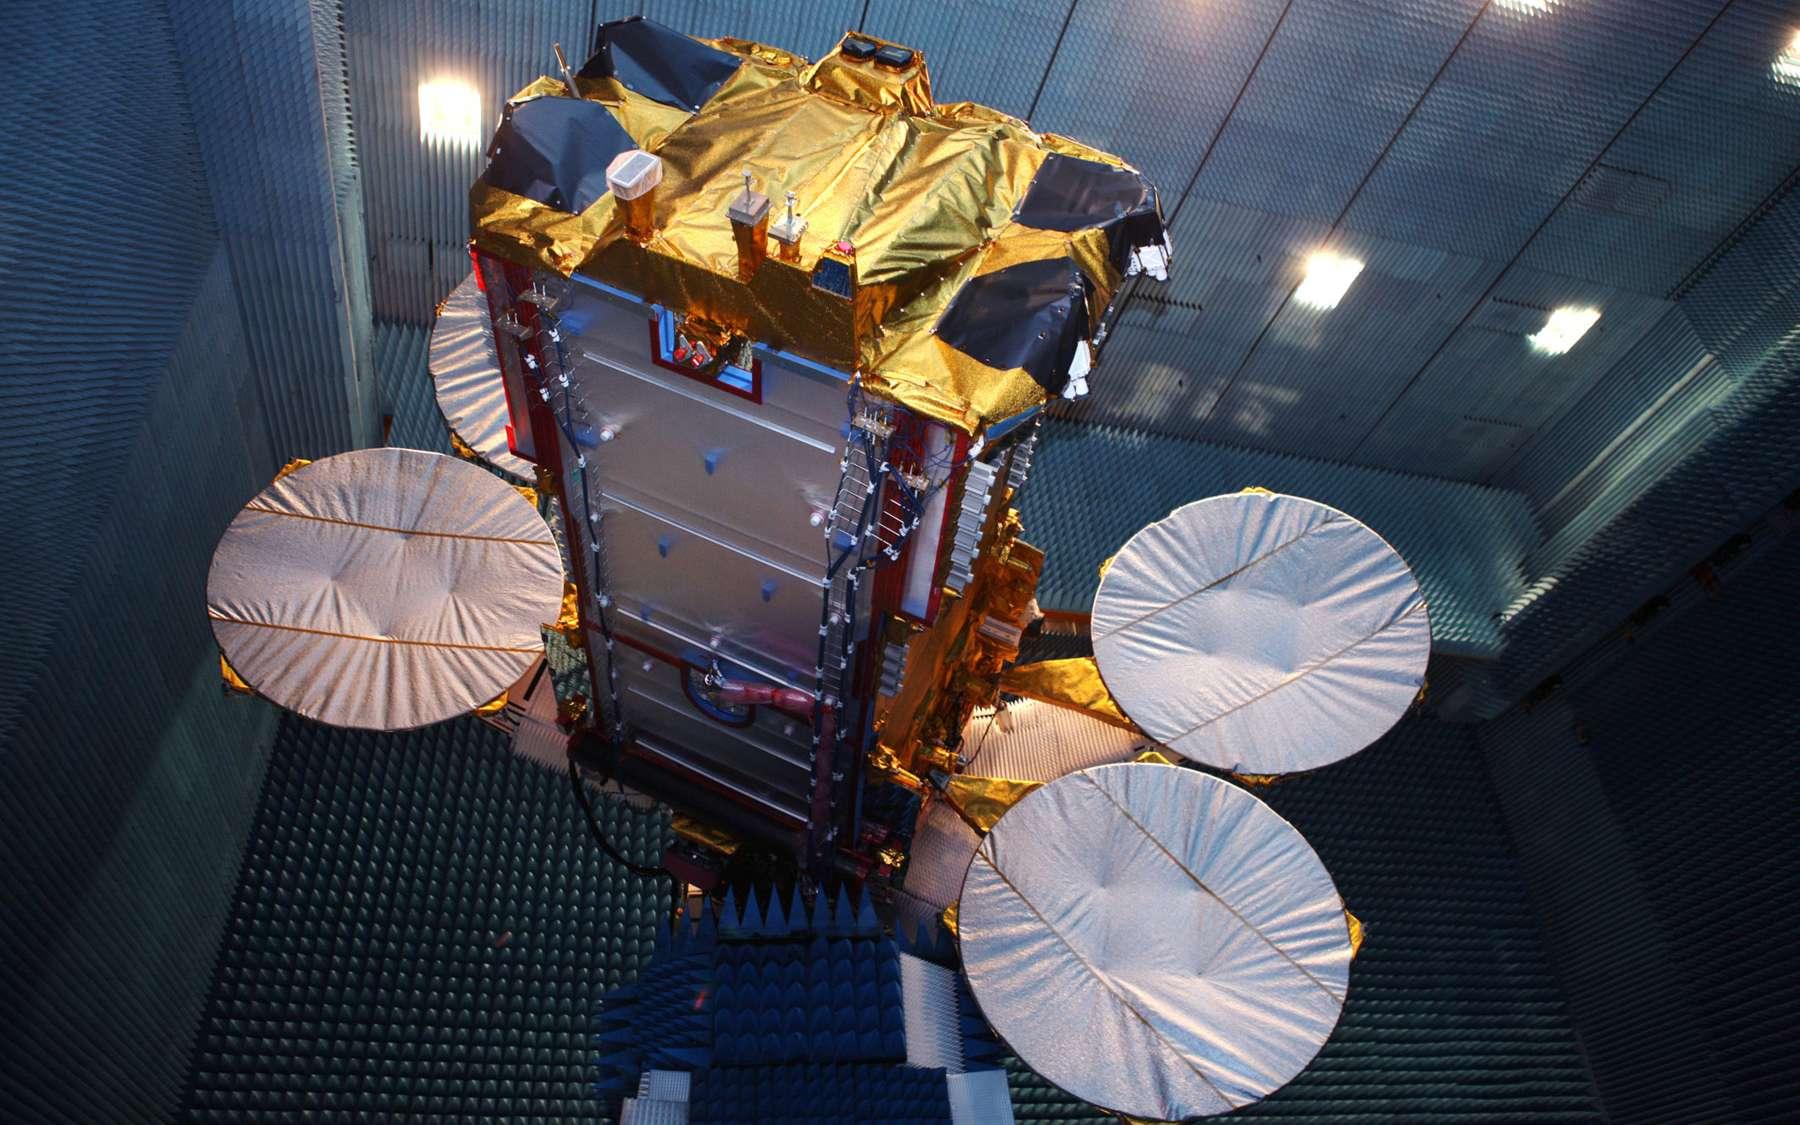 Ka-Sat a été lancé par un Proton opéré par International Launch Services. Avec une masse au lancement de plus de six tonnes, le lanceur Proton a été utilisé à la limite de ses capacités de transport. © Astrium